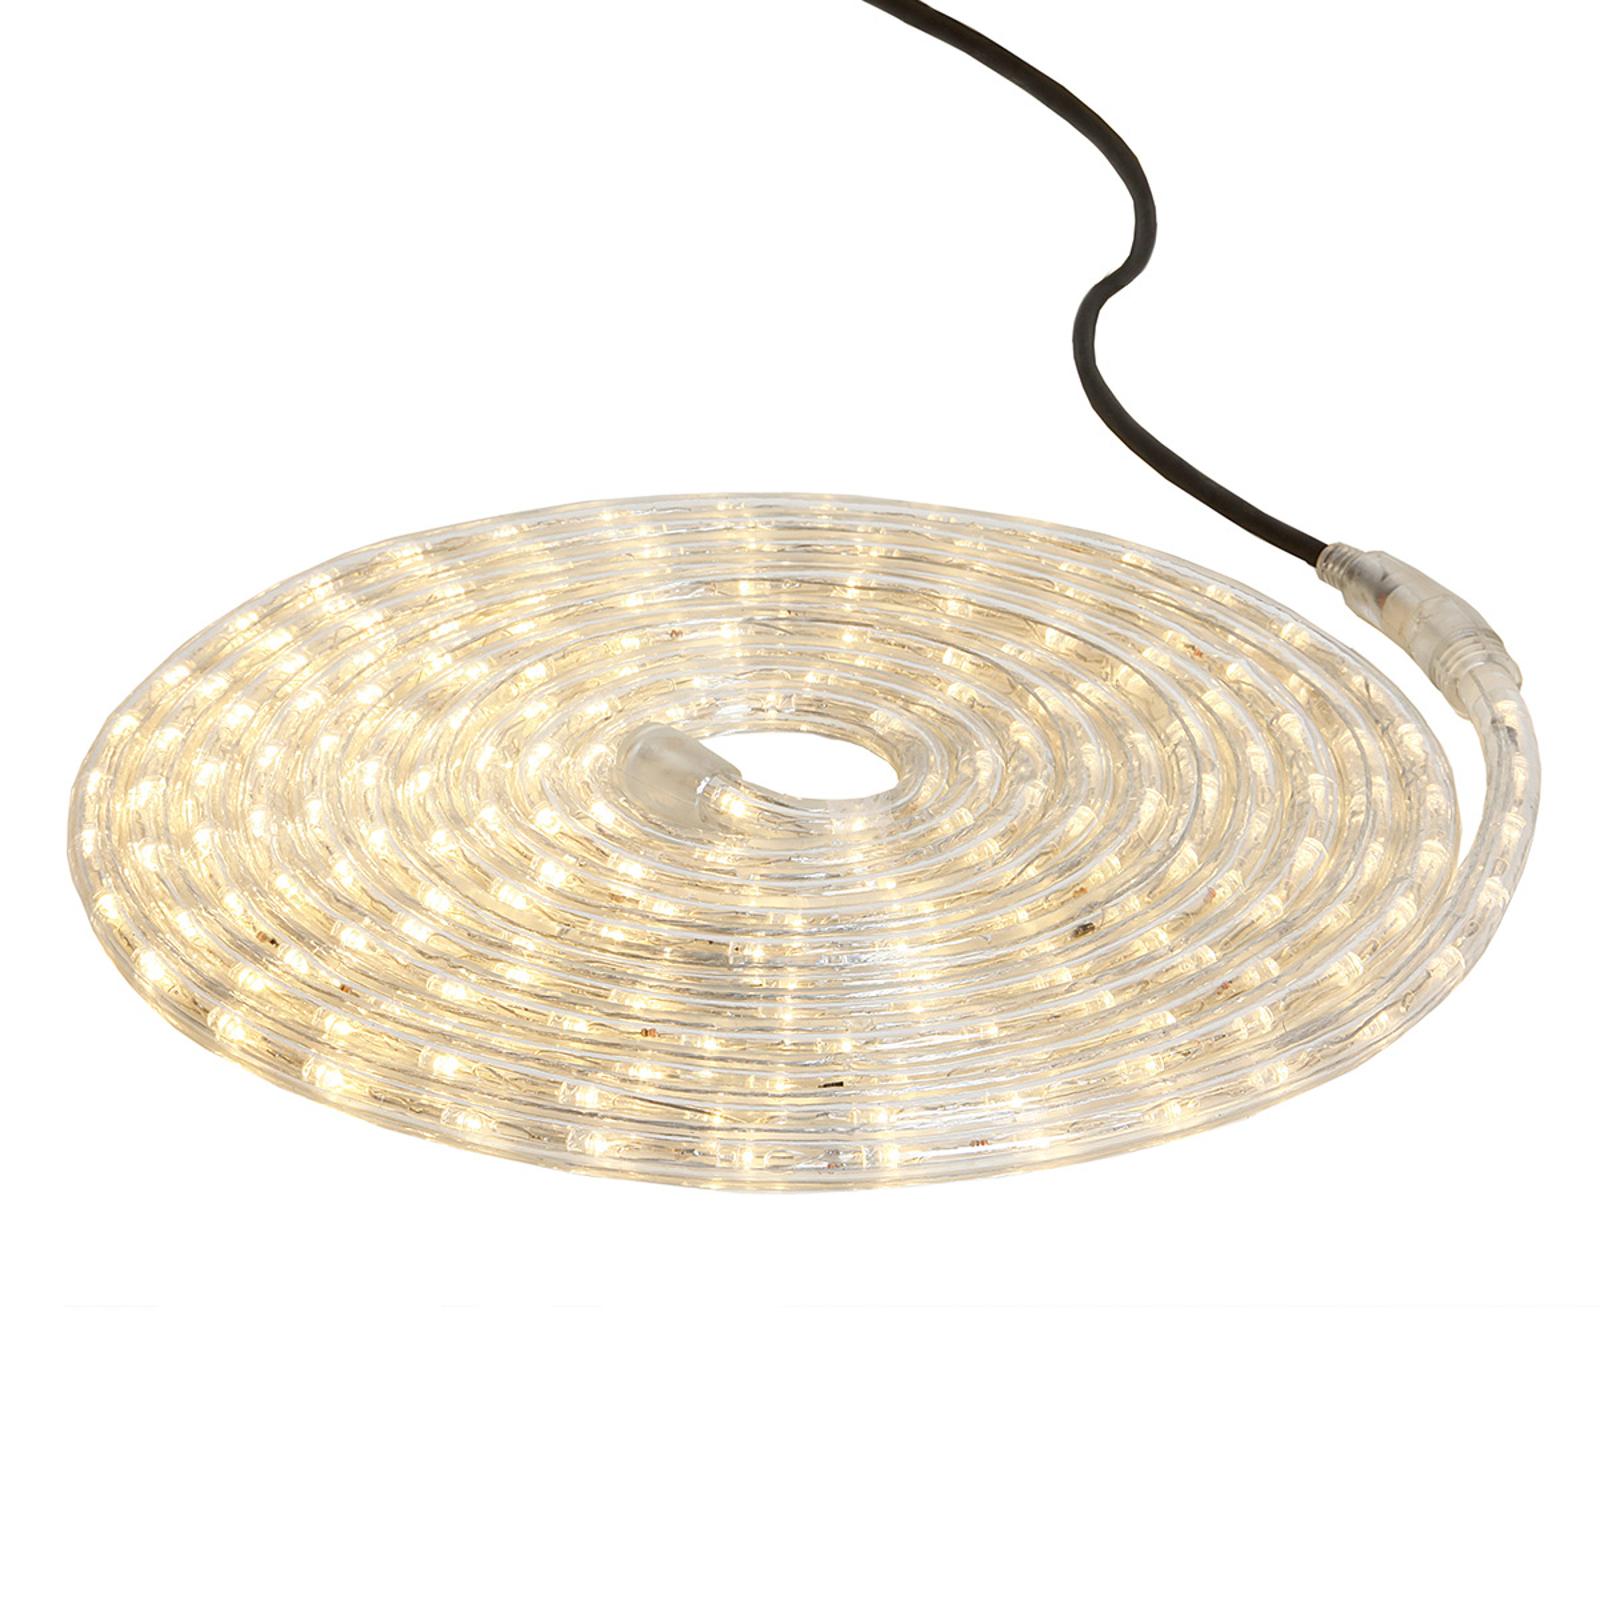 LED světelná hadice Ropelight Flex 6 m teplá bílá